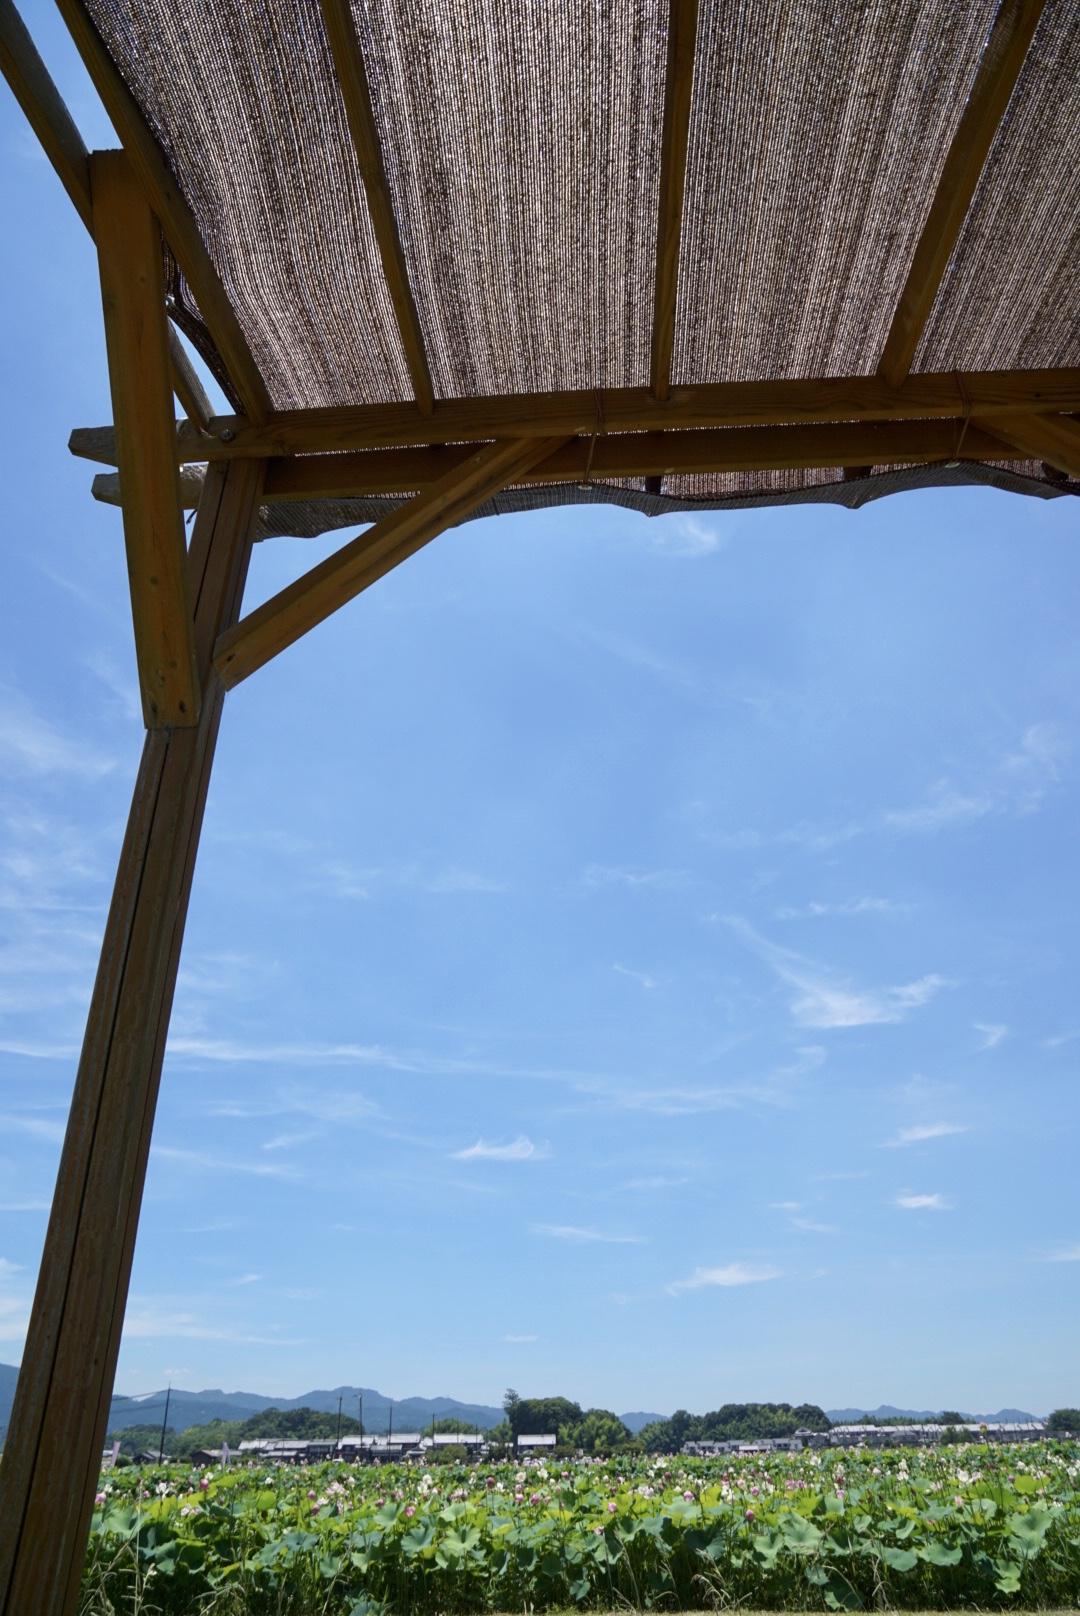 とにかく暑い!影がほとんどないので暑さ対策は必要です。